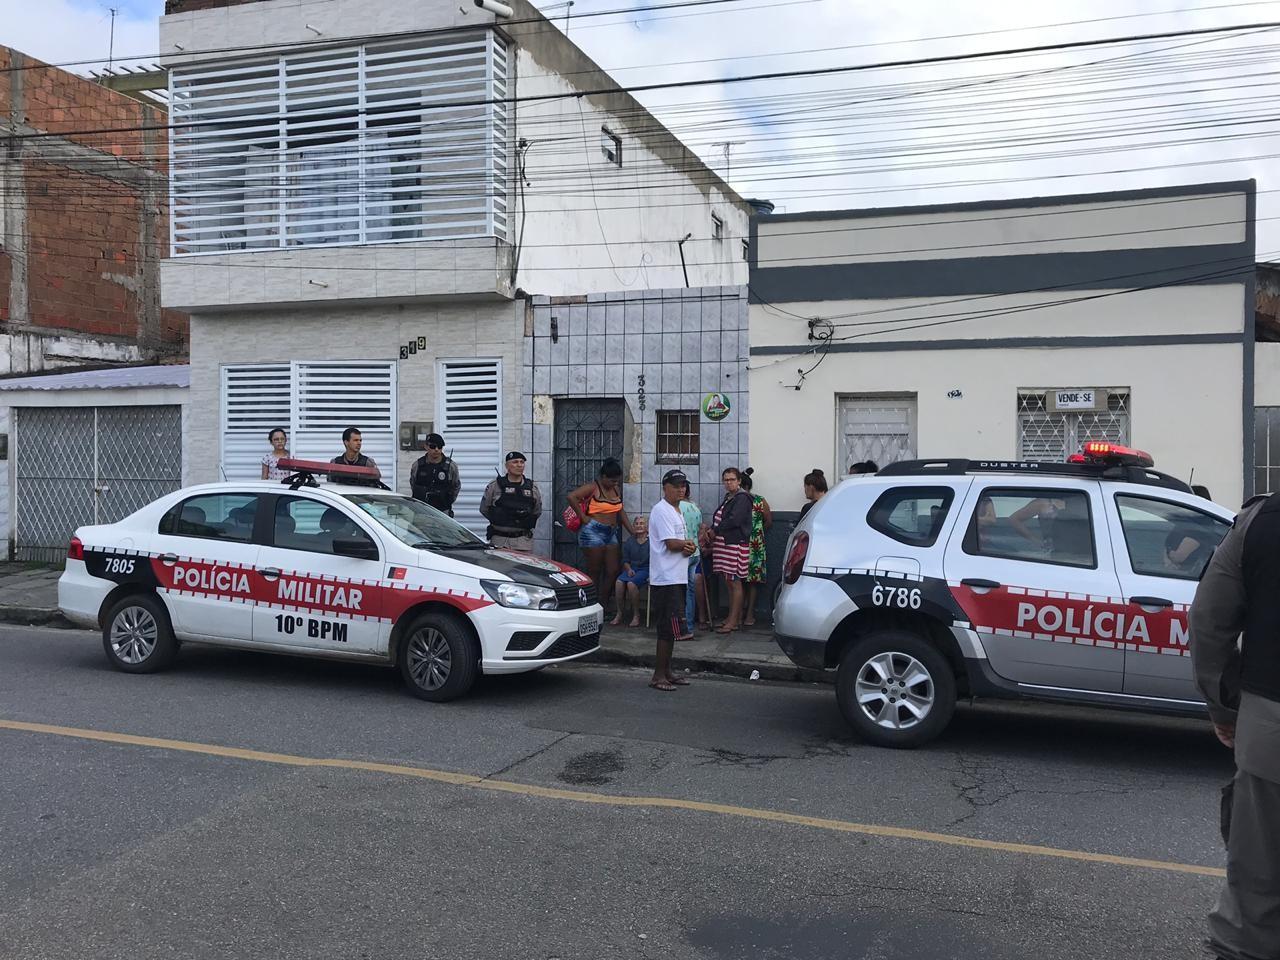 Homem é morto por vizinho com tiro na cabeça após discussão, em Campina Grande - Notícias - Plantão Diário